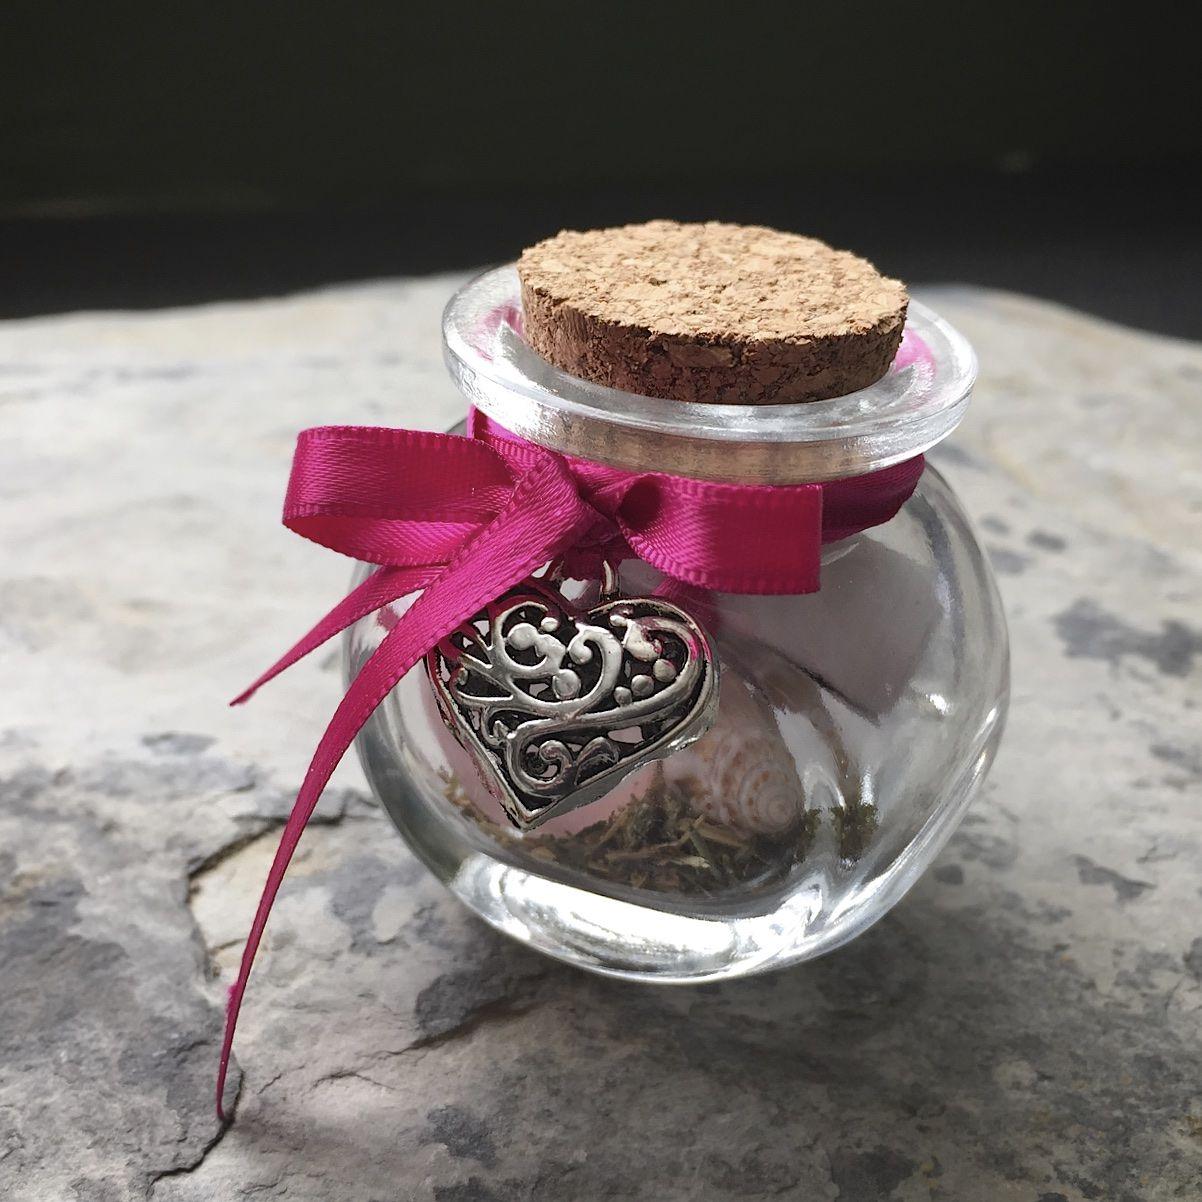 'Love & Friendship' Witch Charm Bottle